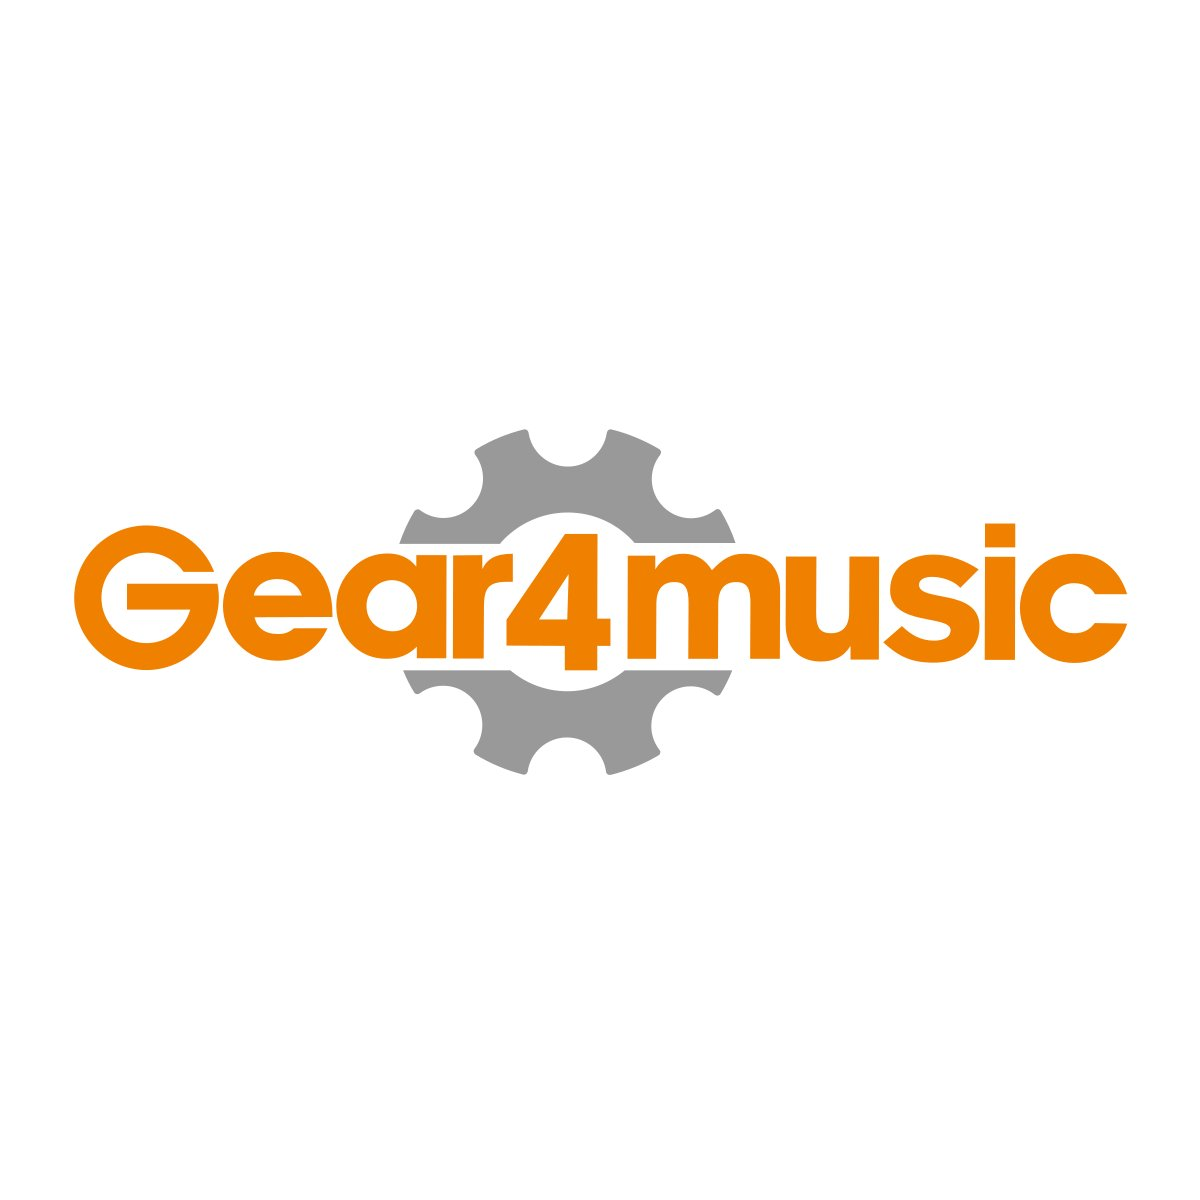 Open Hole Flute Gear4music